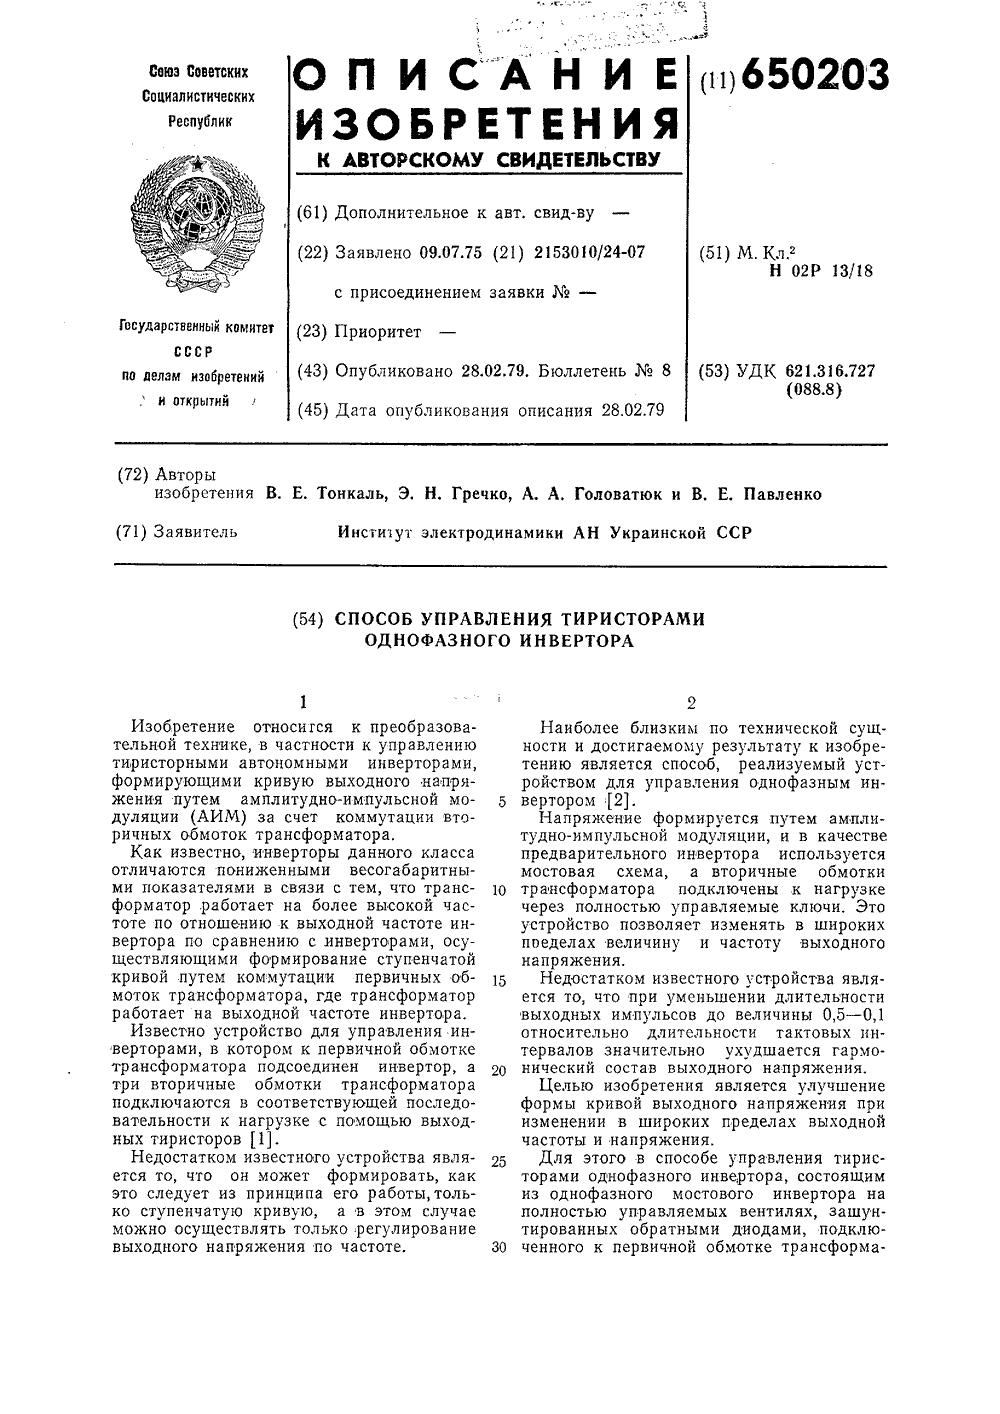 тиристорный однофазный инвертор схема